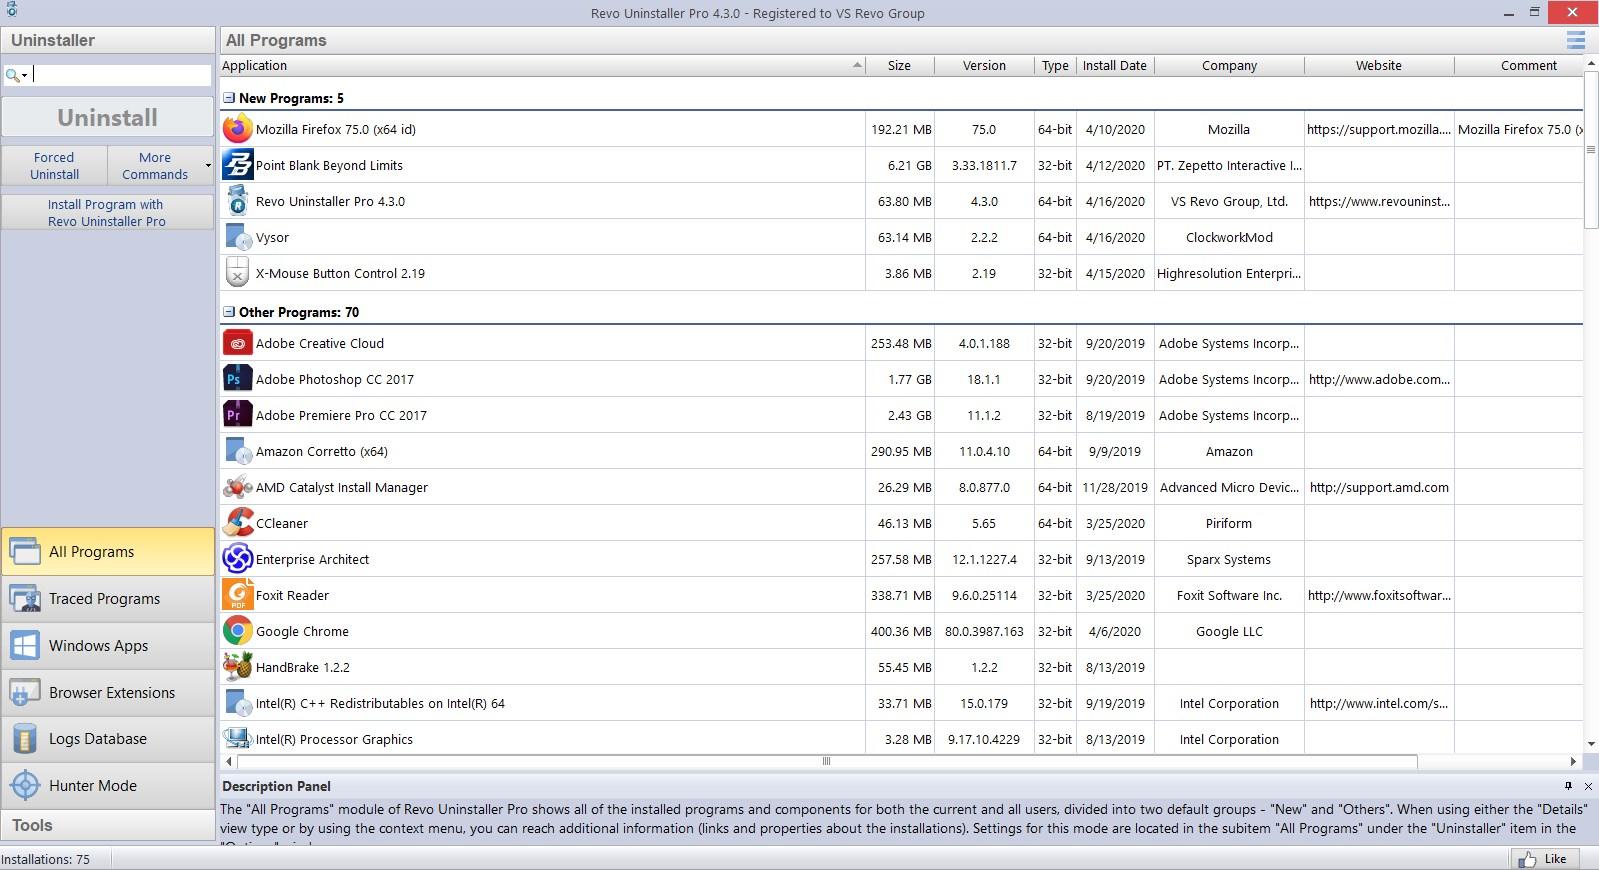 Revo Uninstaller Pro 4.3.0 Full Version